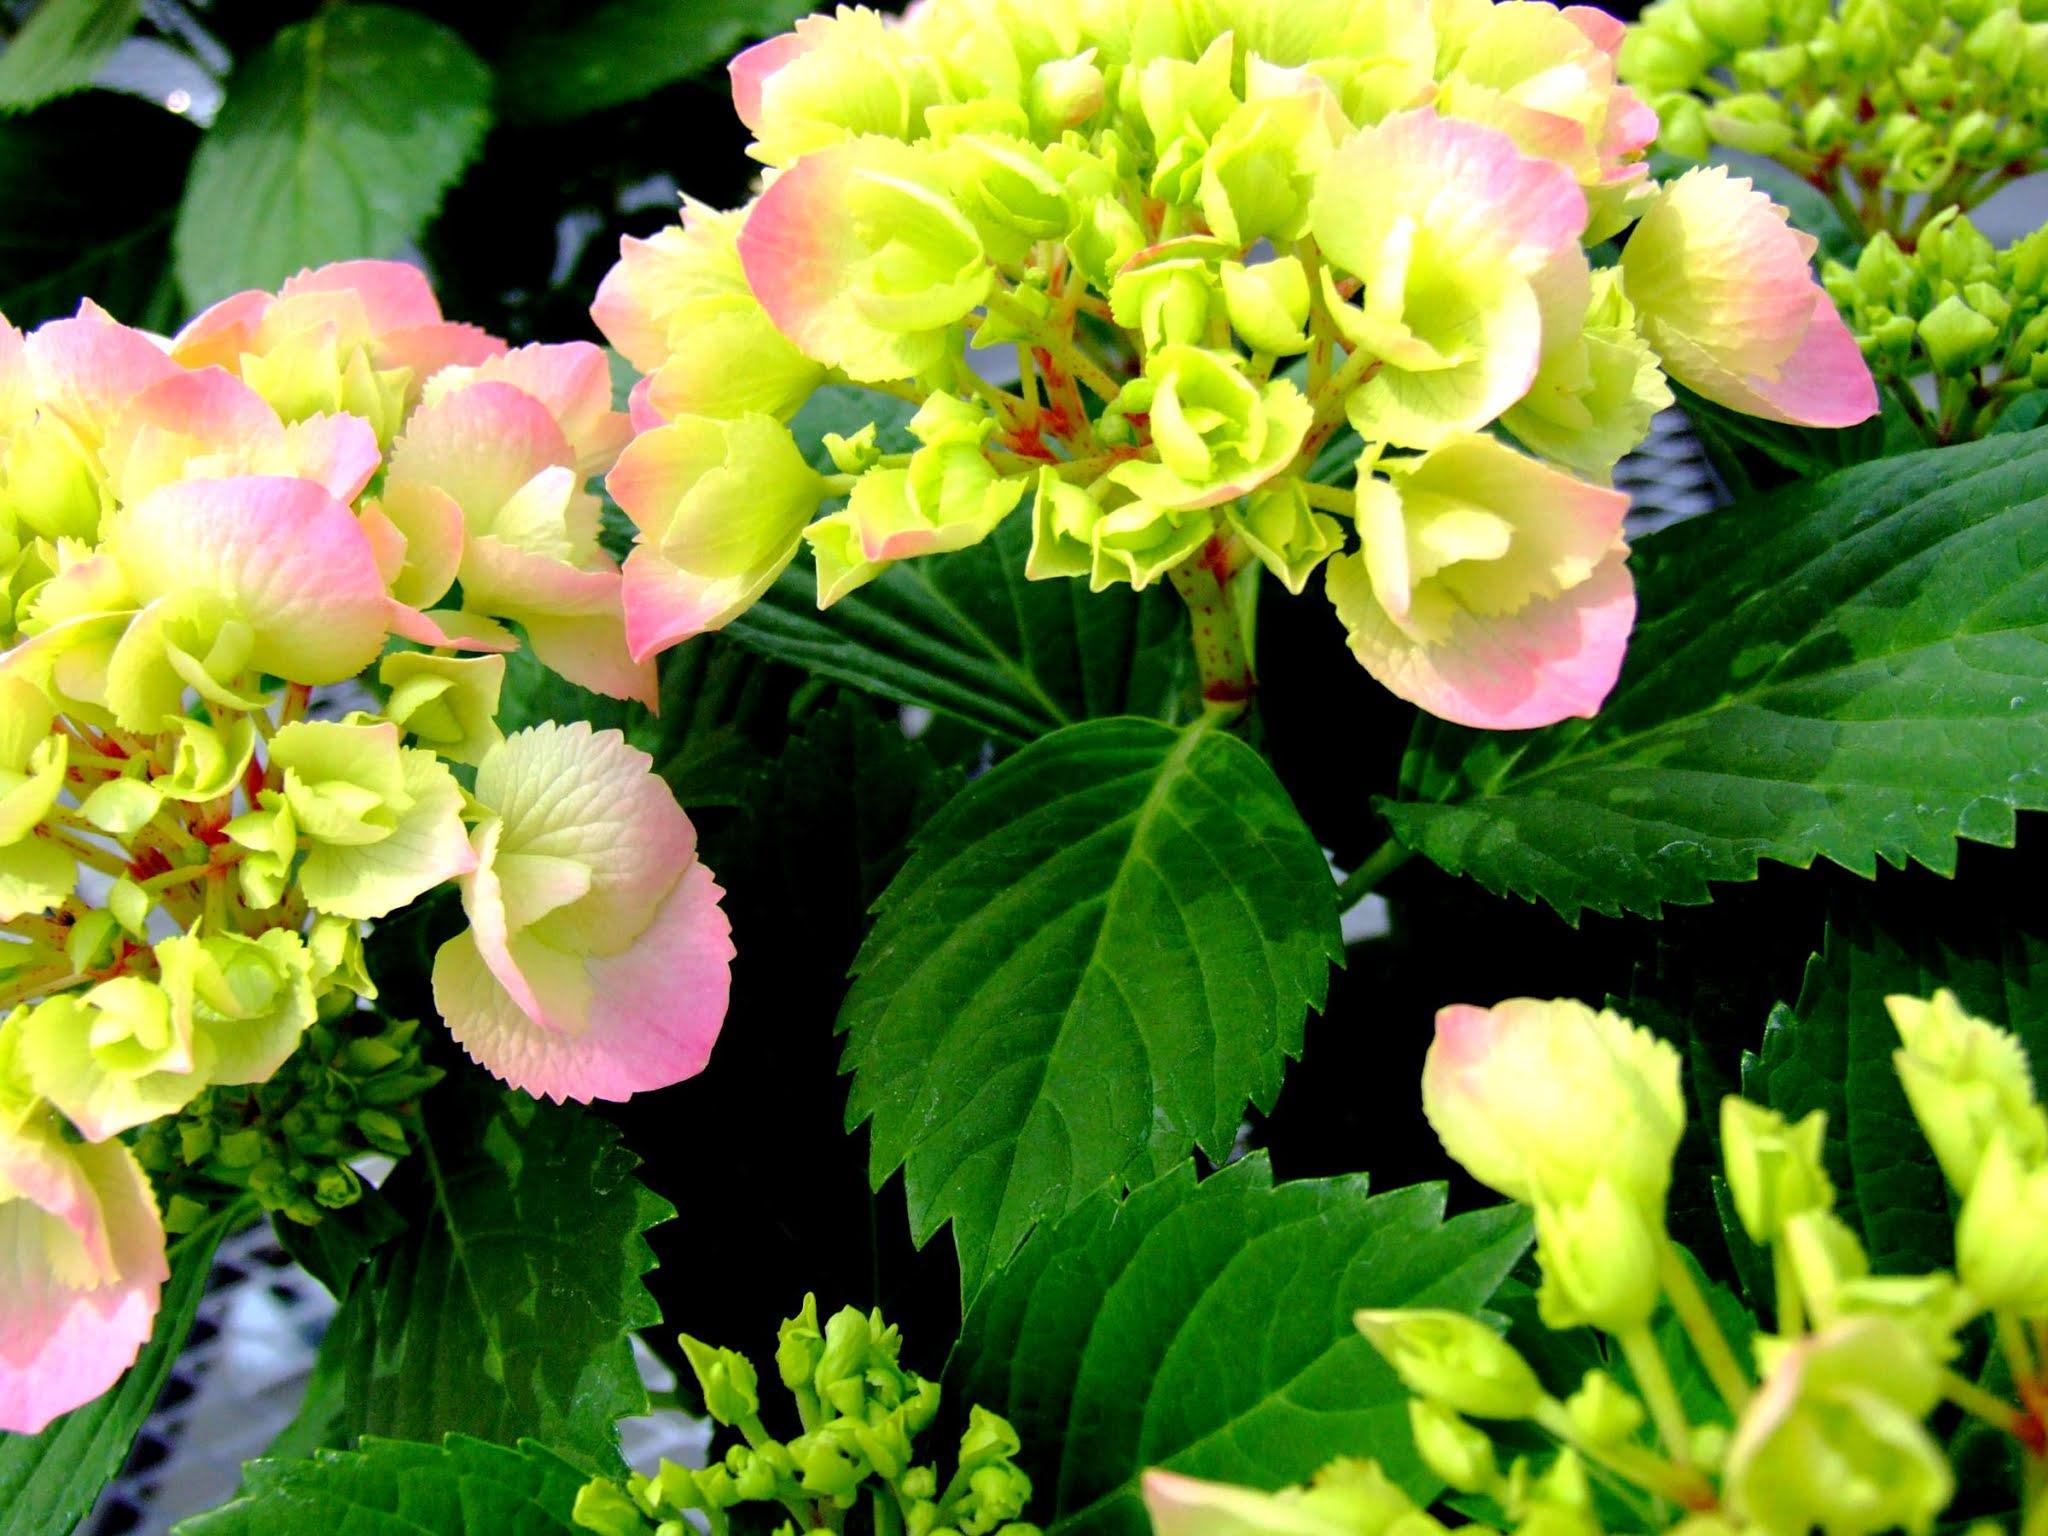 薄いピンクと淡い緑の色合いがとても可愛いガクアジサイです。優しそうな雰囲気が可愛いですよね。